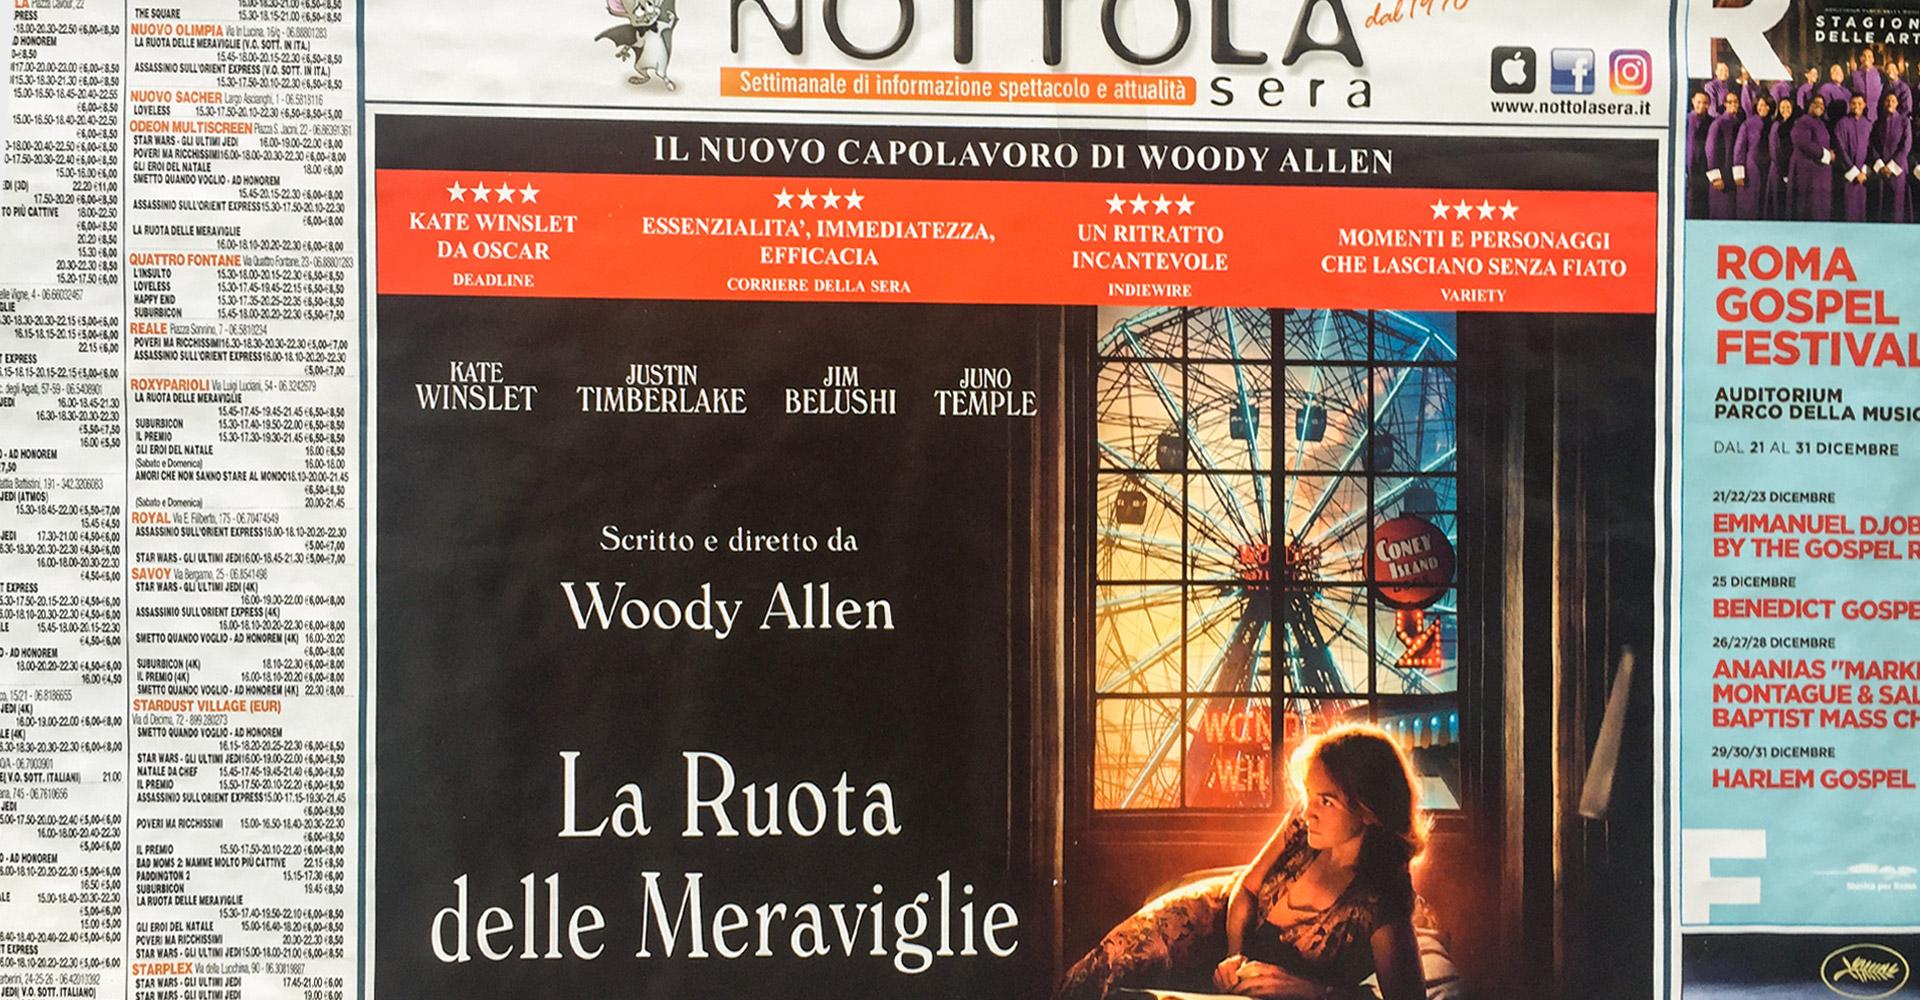 LaRuota_Nottola